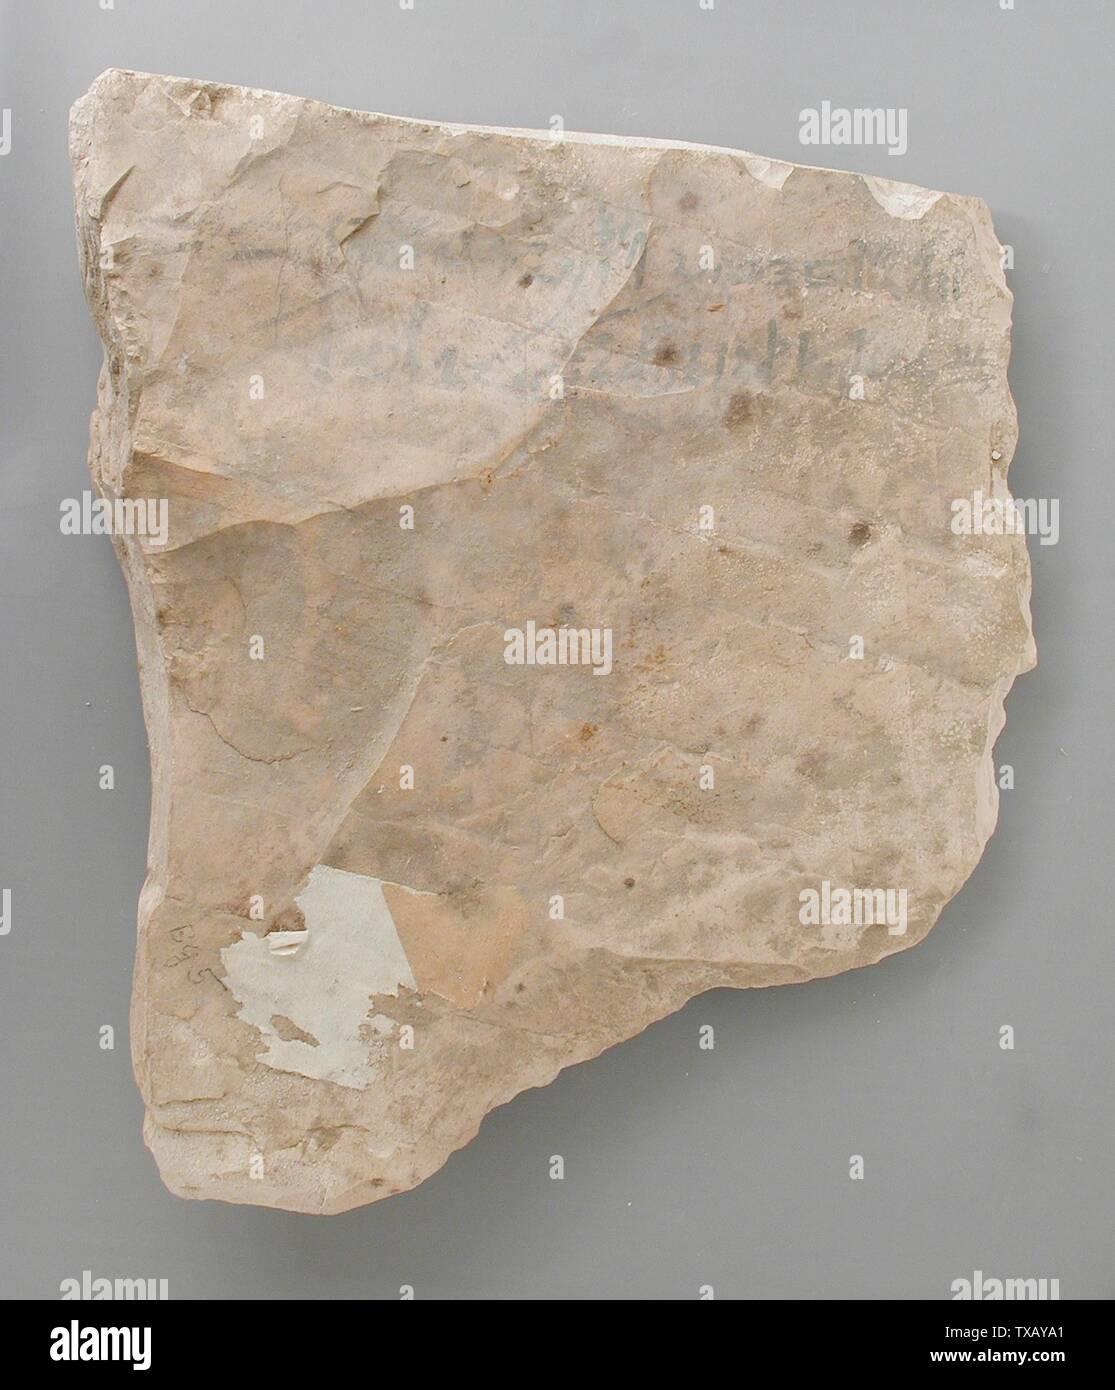 'Ostracon avec un reçu pour la location d'un âne (image 1 de 2); l'Égypte, Nouvel Empire, 20thDynasty, daté de 26 ans, pendant le règne de Ramsès III (1198-1166), 1171 de BCE BCE Outils et équipements; calcaire ostraka 8 11/16 x 7 3/16 in. (22 x 18,3 cm Don de Carl W. Thomas (M.80.203.205) L'art égyptien; 1171; BCE ' Photo Stock